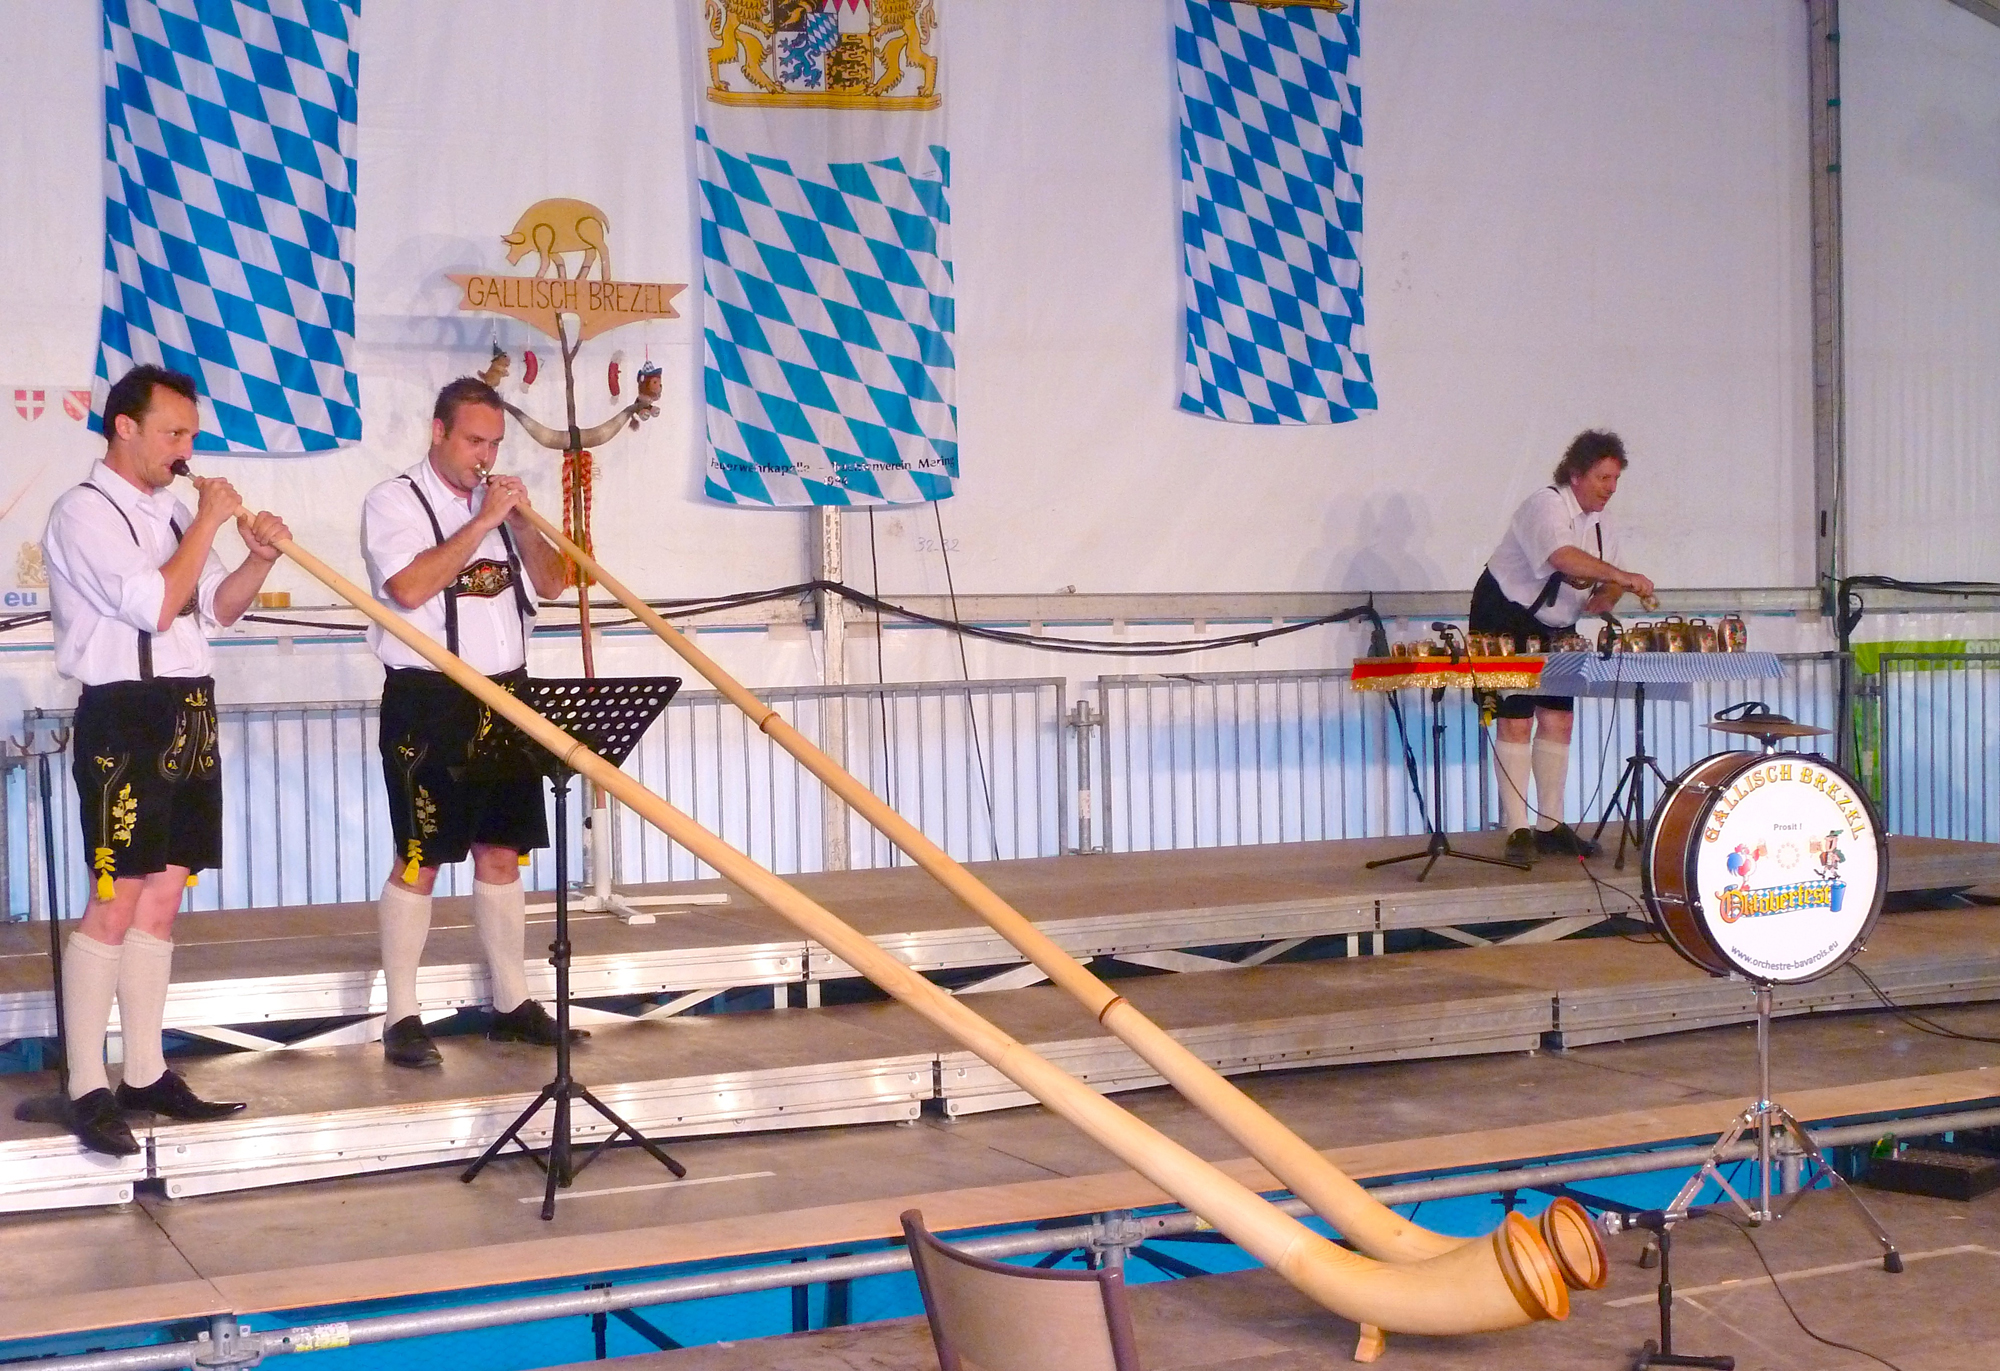 5 Ambérieu 01 Fête de la Bière orchestre bavarois Gallisch Brezel Clarines et Cor des Alpes